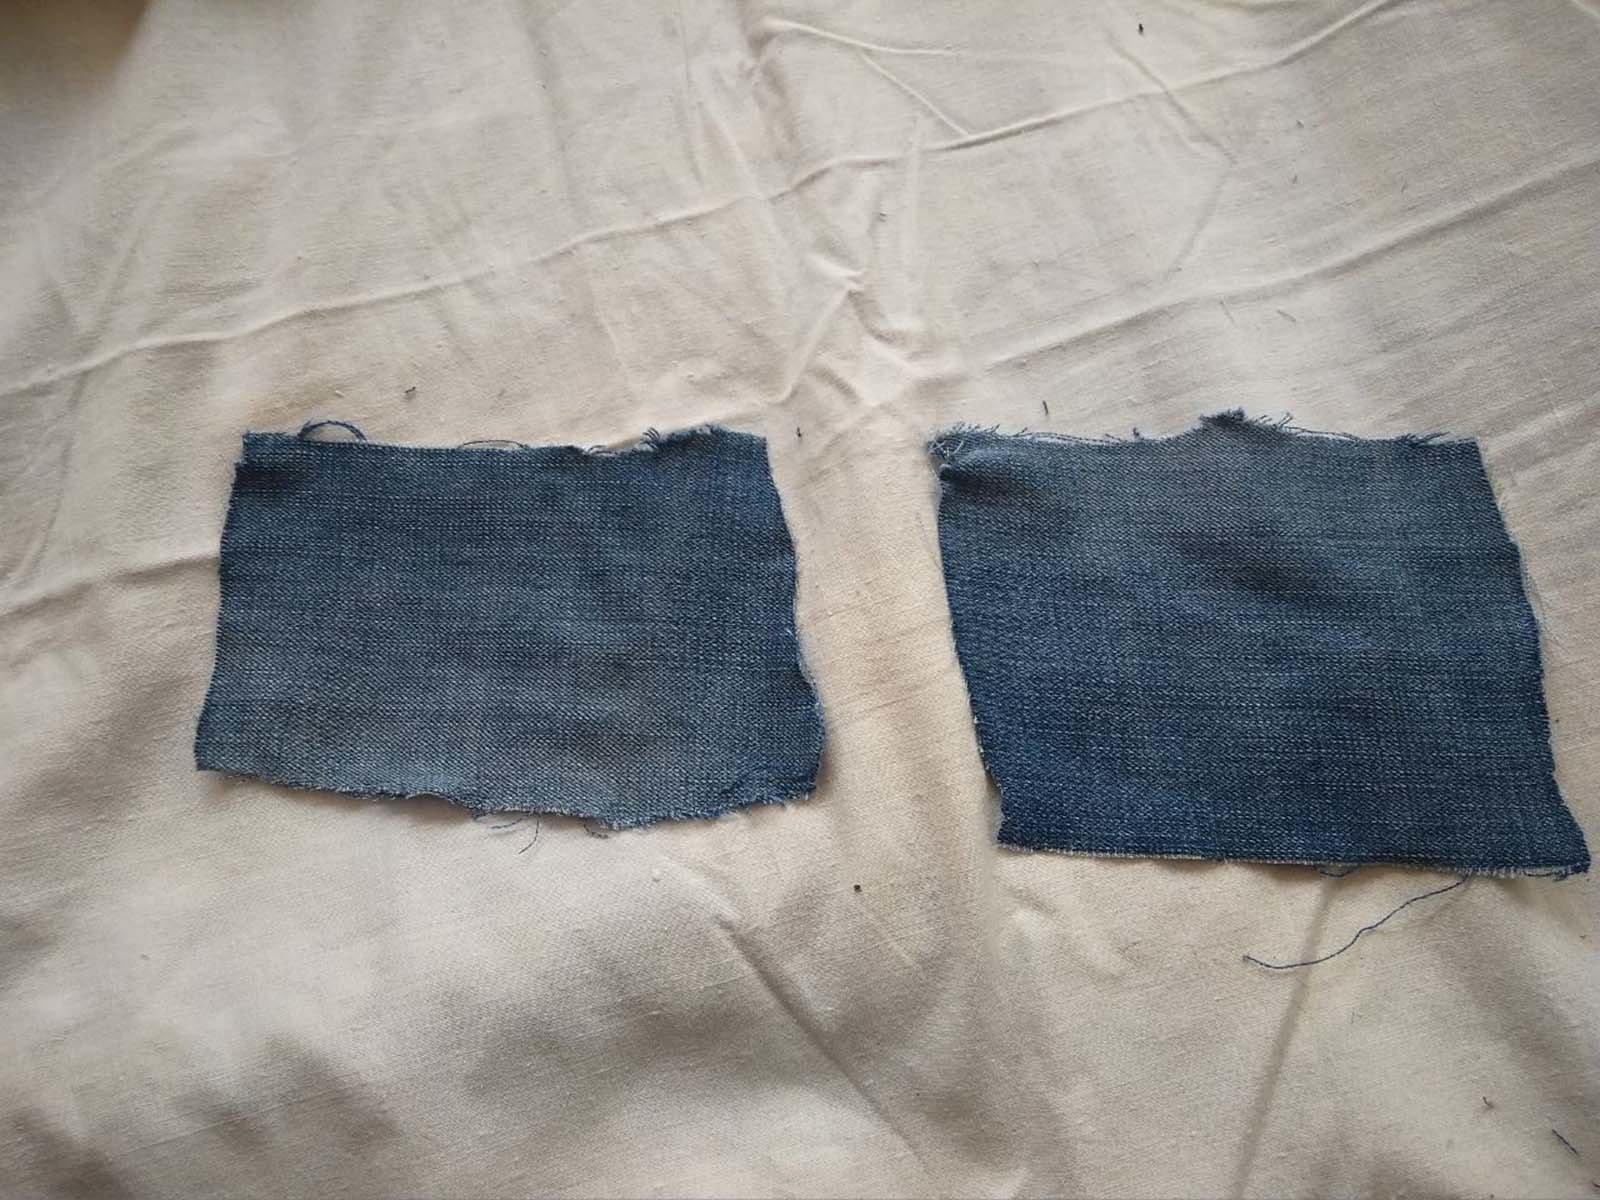 Вырезаем маленькие карманы из штанины